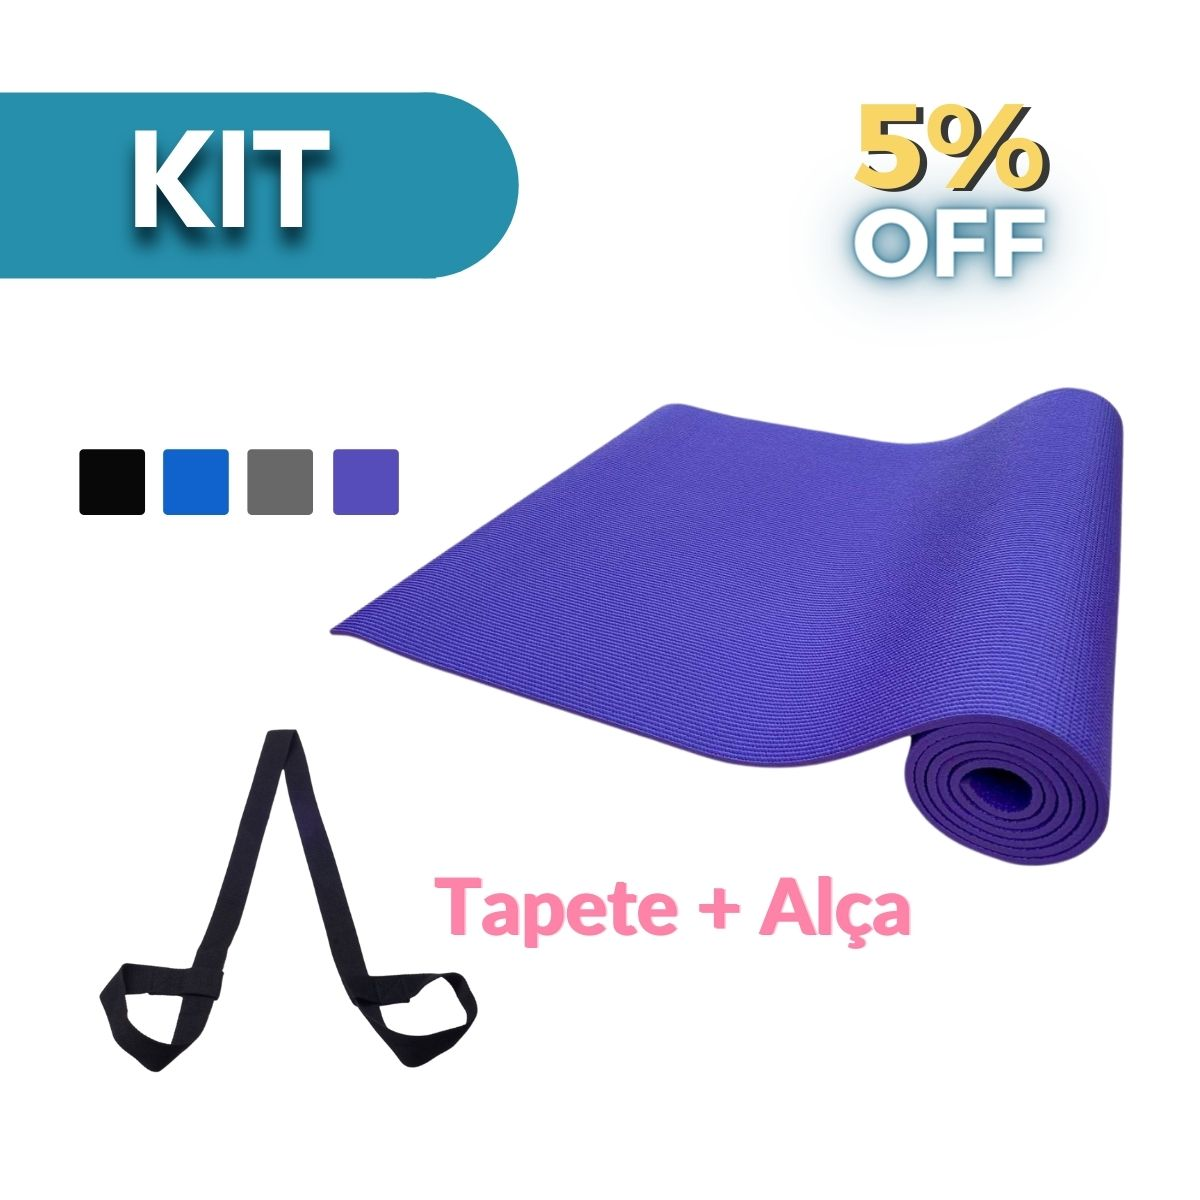 Kit: Tapete PVC Yoga & Pilates + Alça Porta Mat